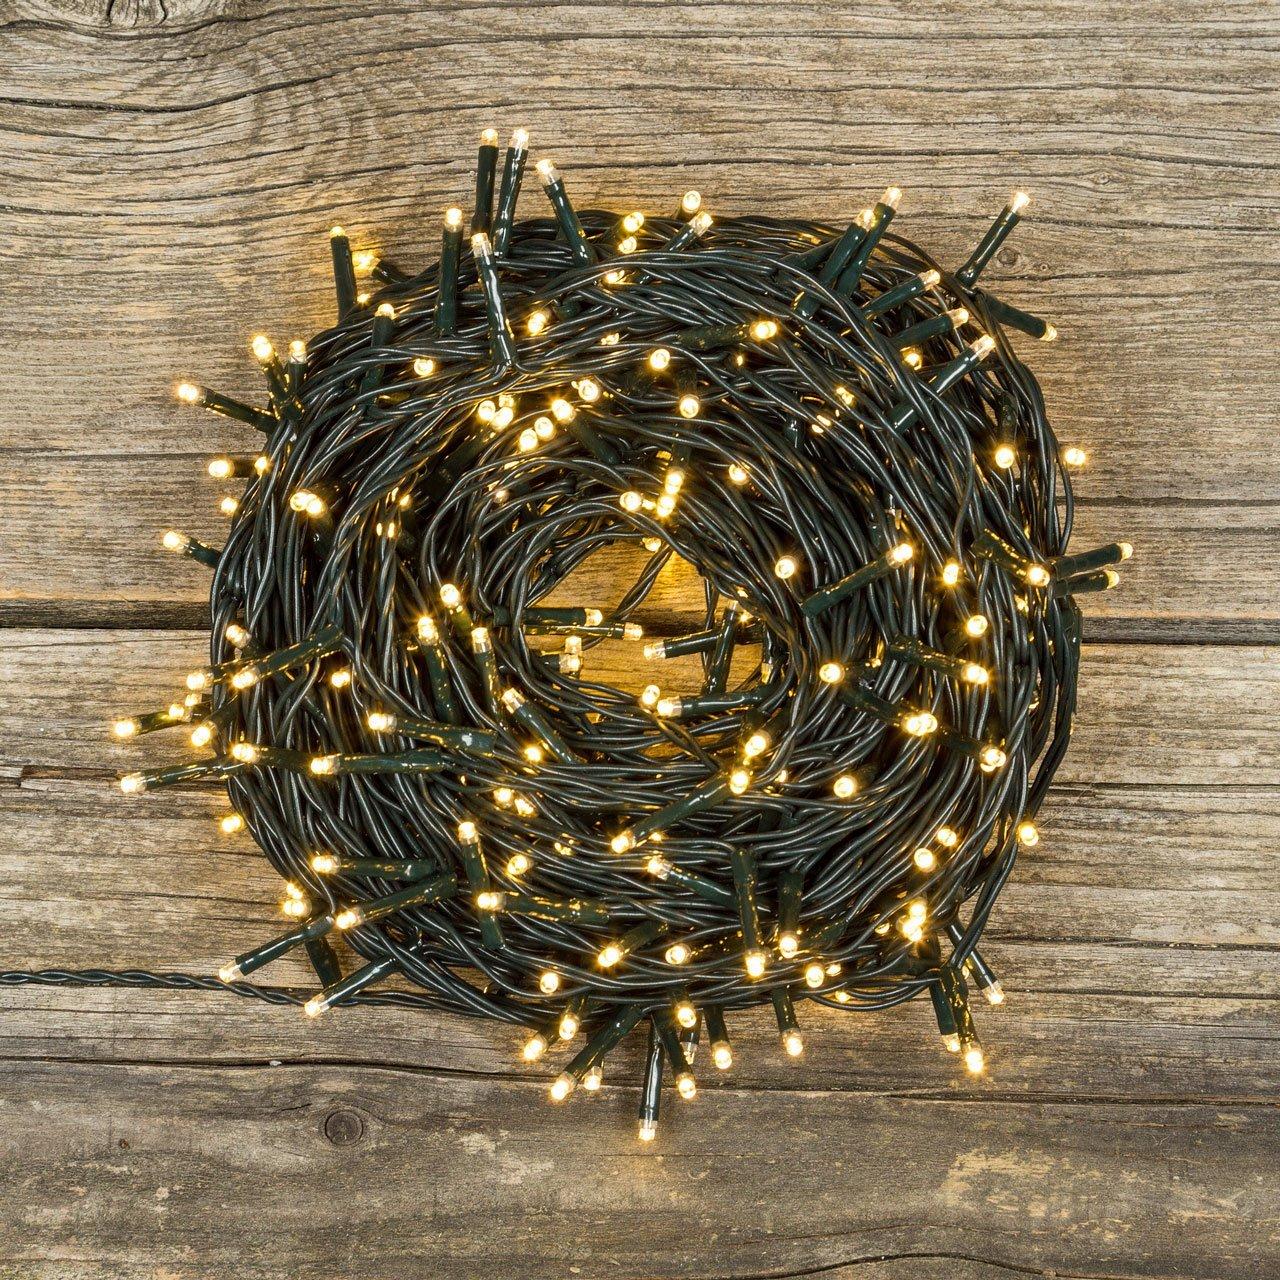 Luci di Natale 360 LED 25,70mt con giochi di luce - BIANCO CALDO